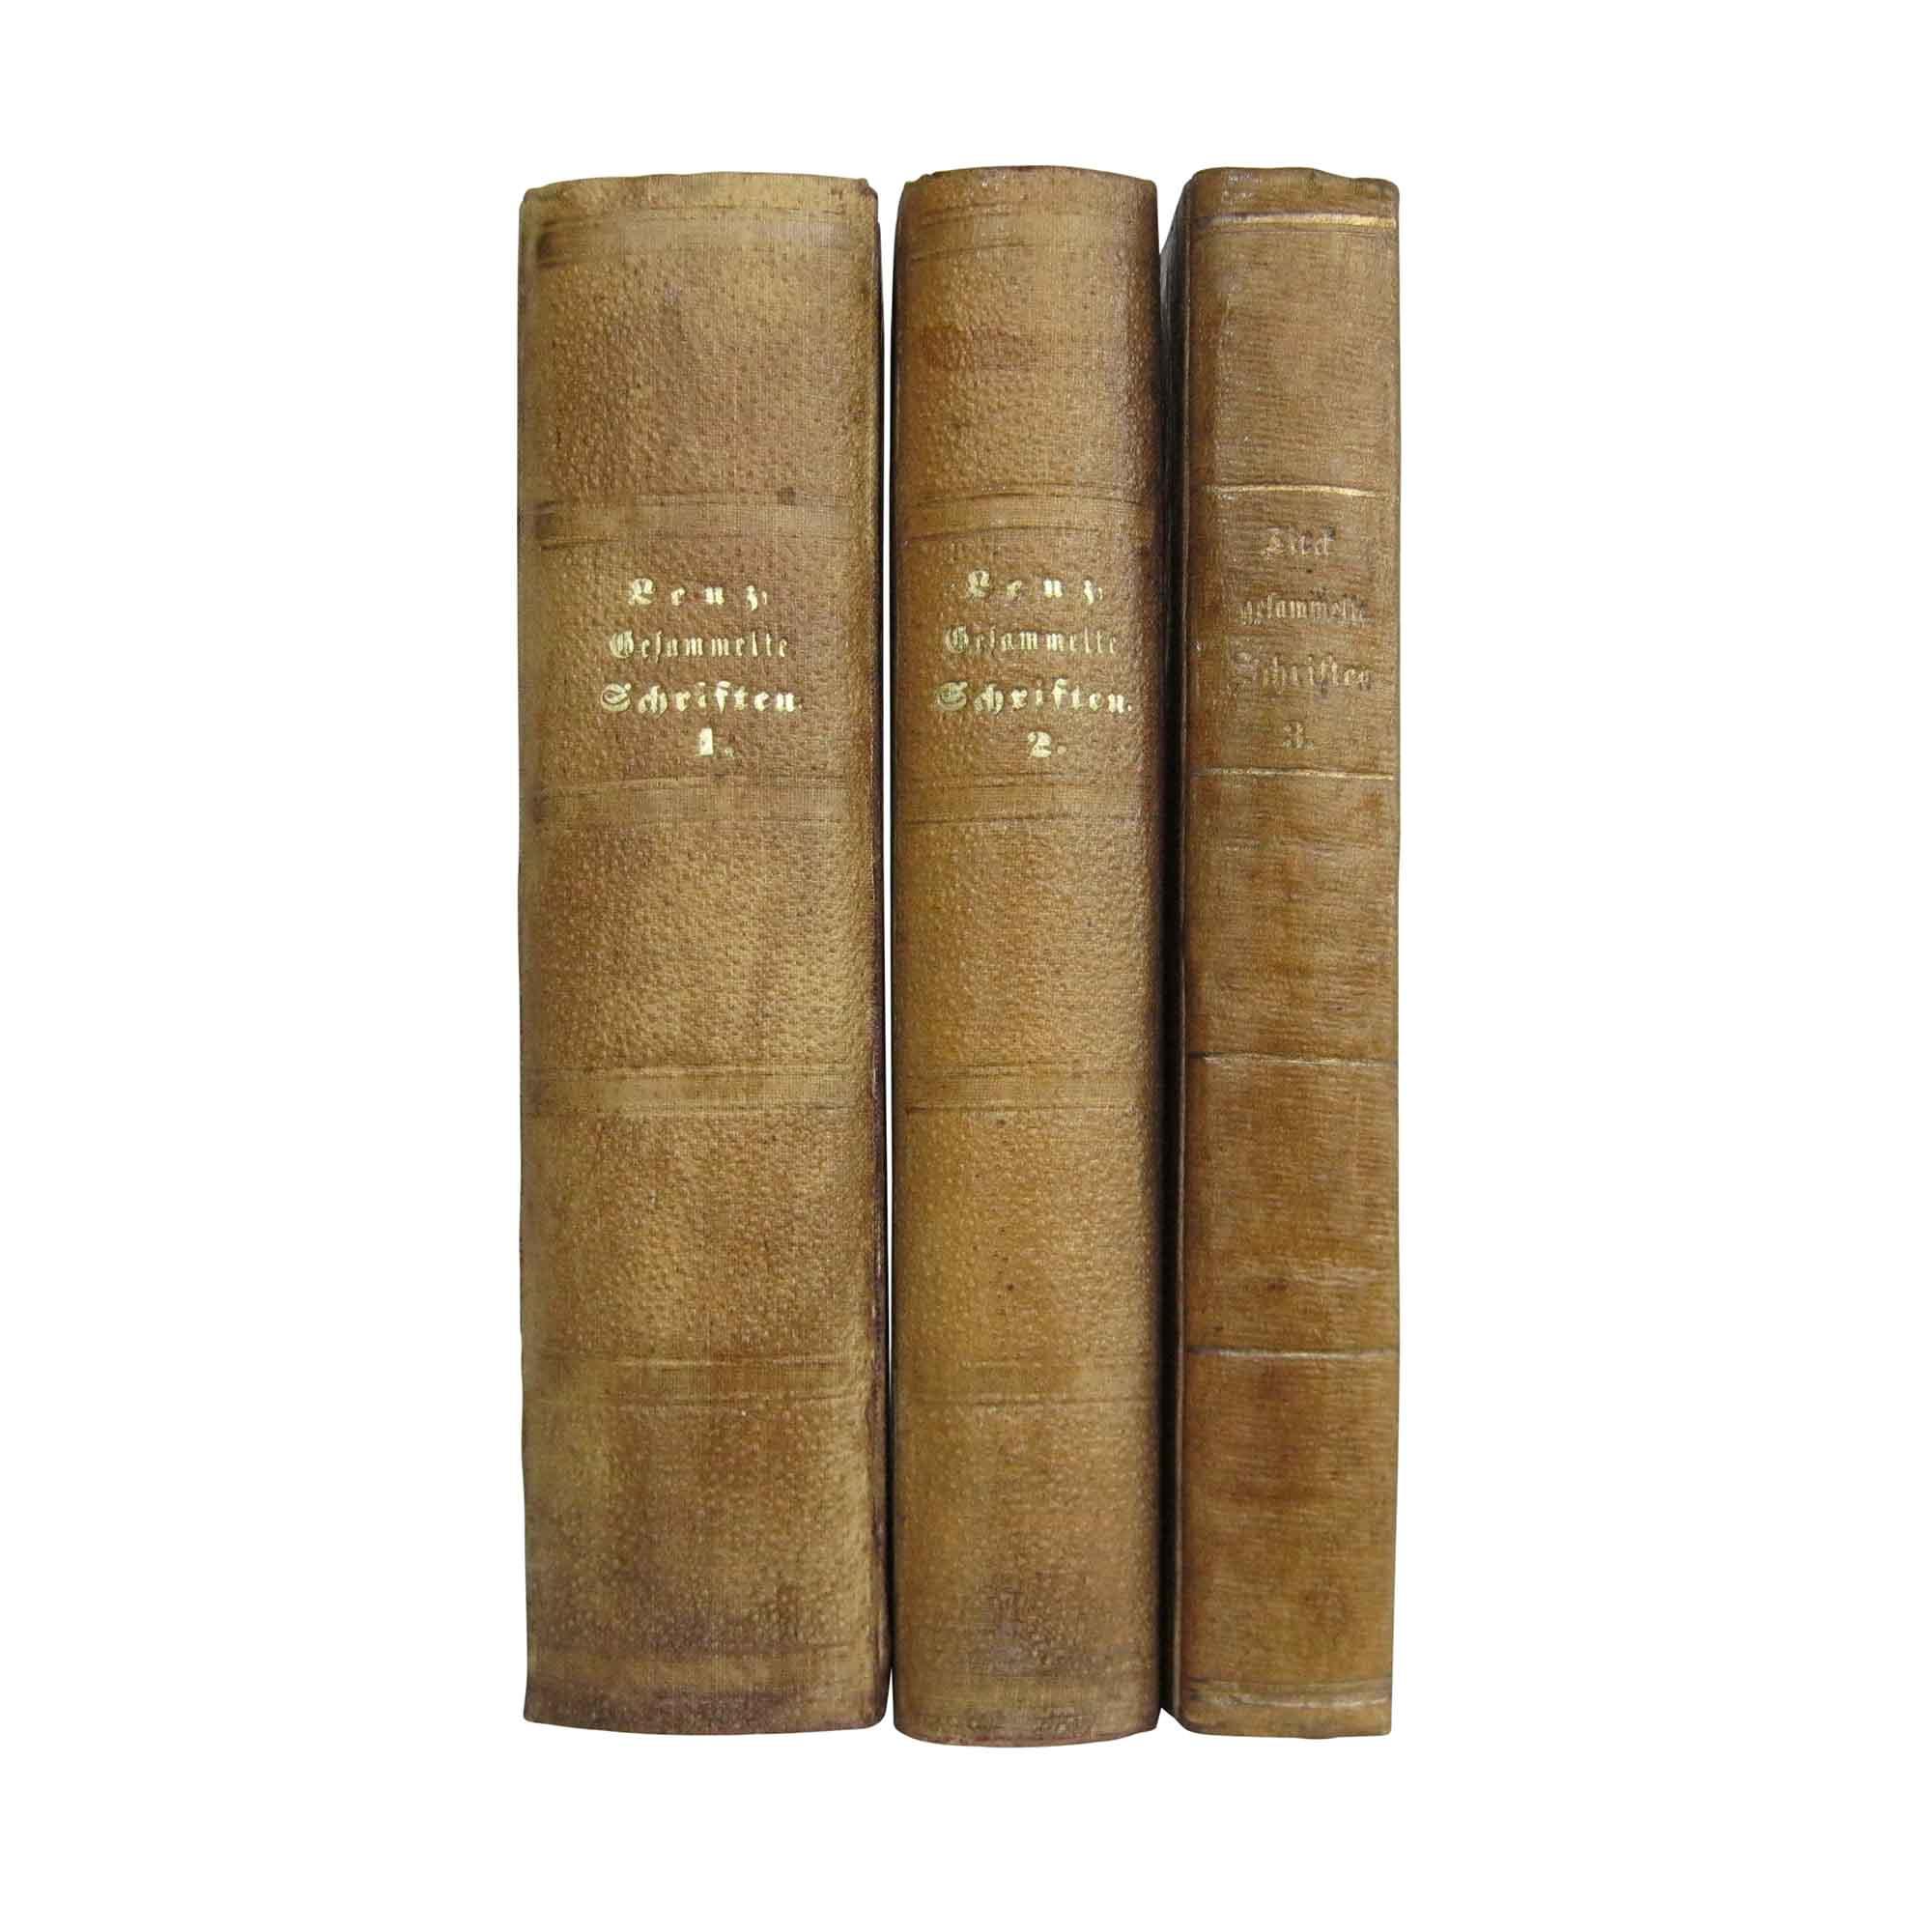 Lenz-Schriften-1828-Titel-Einbaende-N.jpg